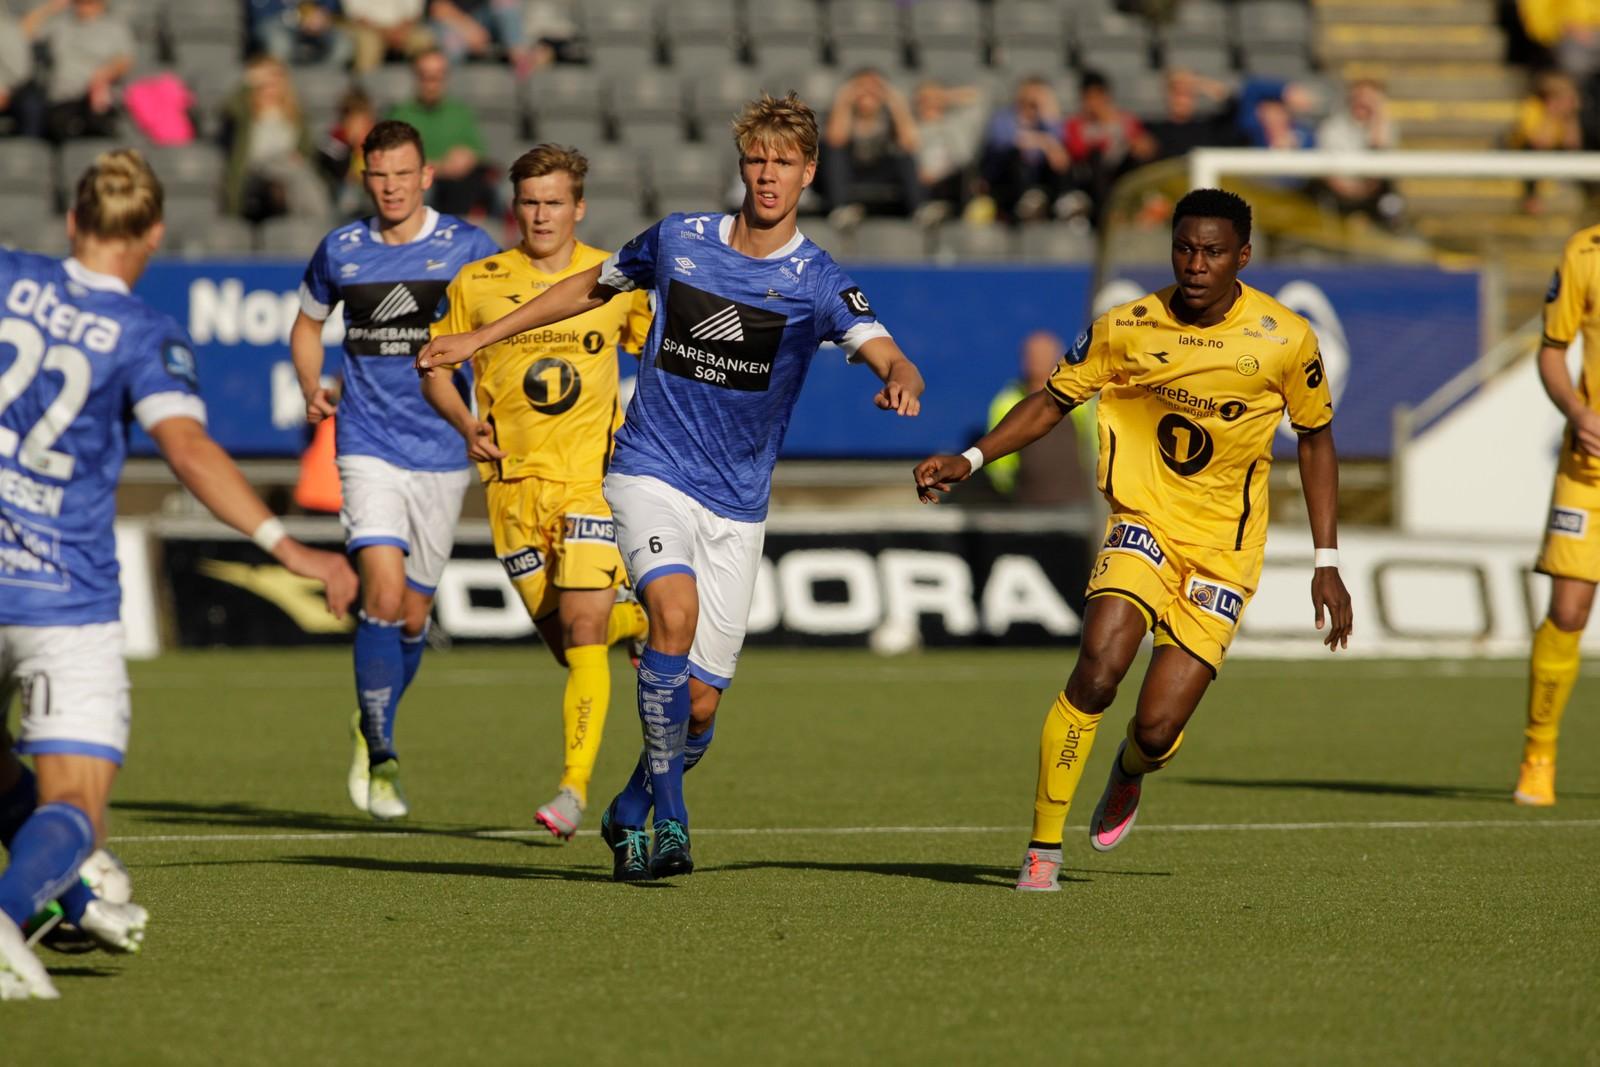 Bodø/Glimt-Start på Aspmyra stadion.  Foto: Mats Torbergsen / NTB scanpix